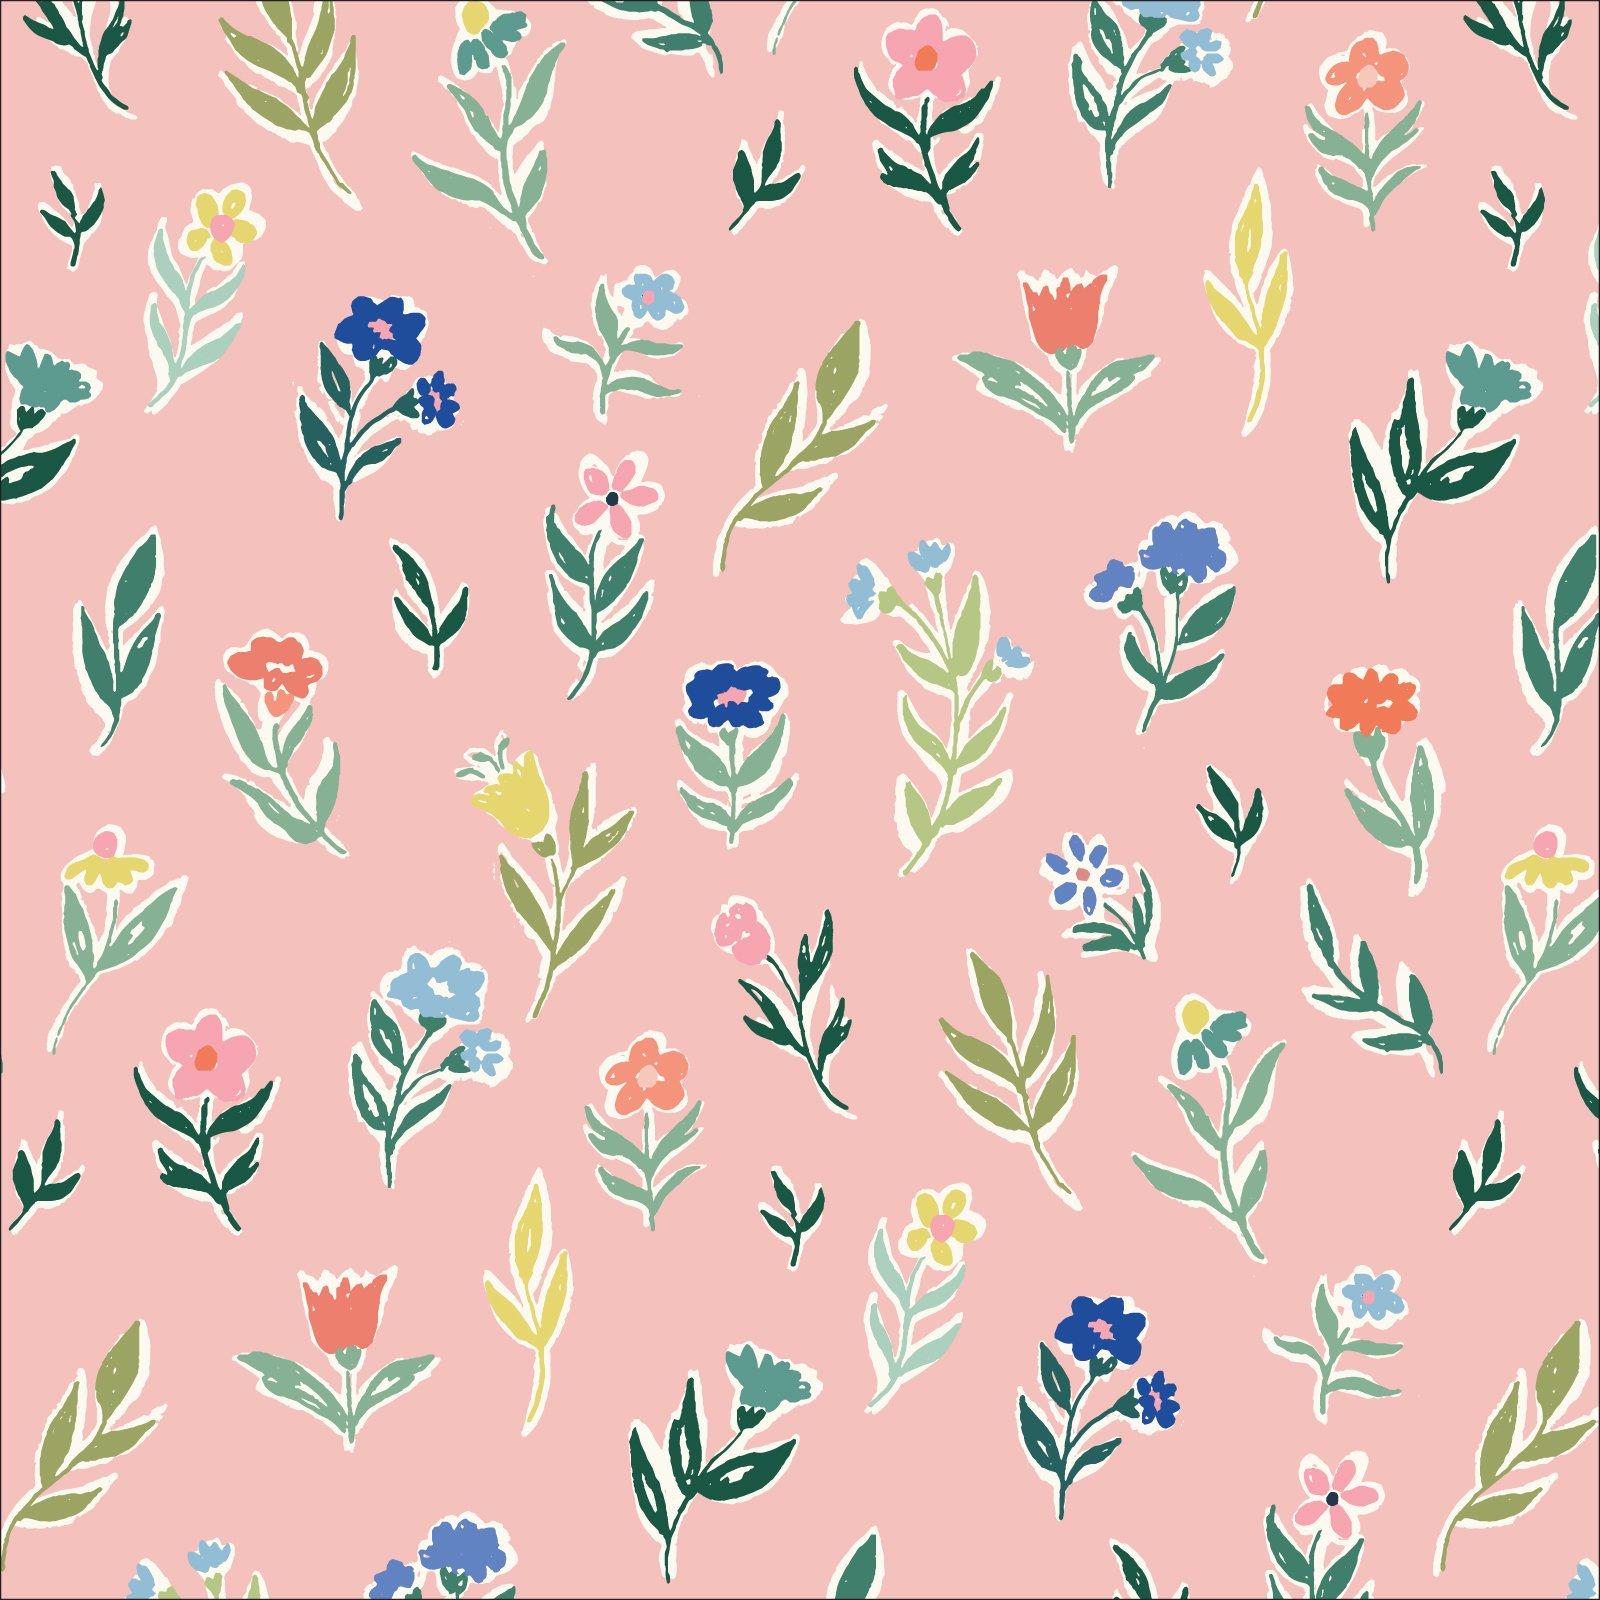 Daisy - Perennial - Cloud 9 Organic Cotton